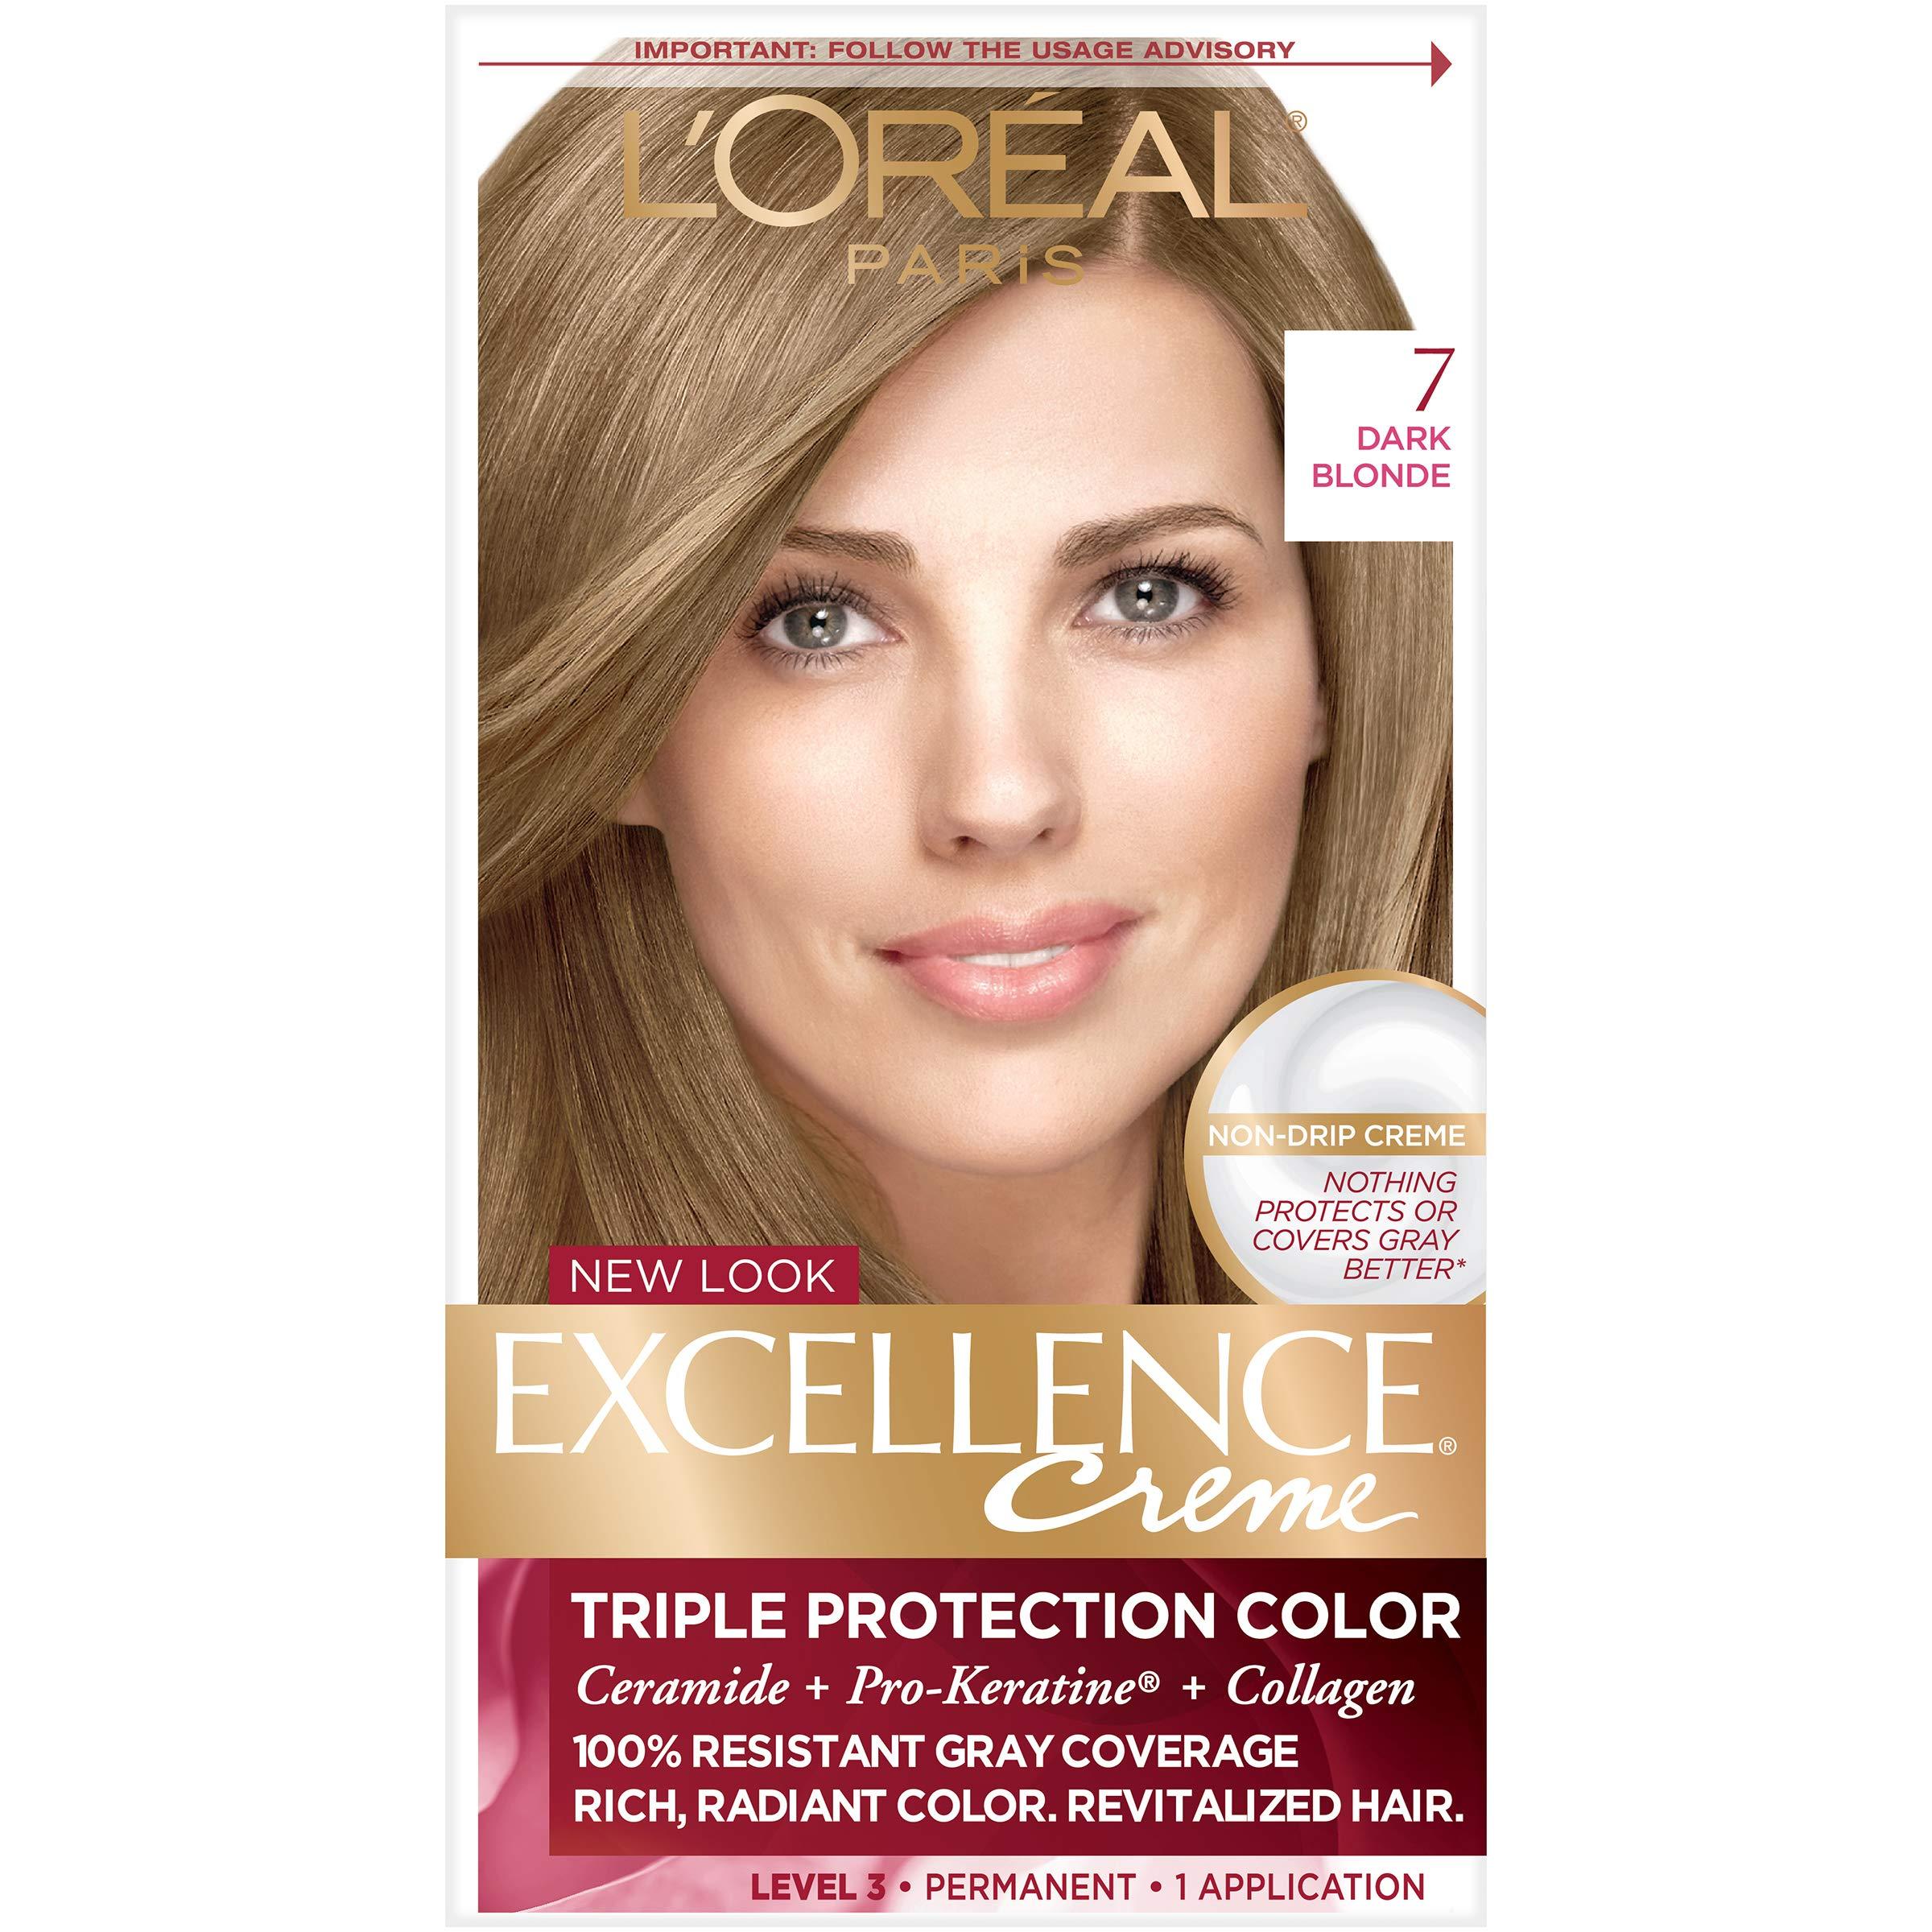 Amazoncom Loréal Paris Excellence Créme Permanent Hair Color 7